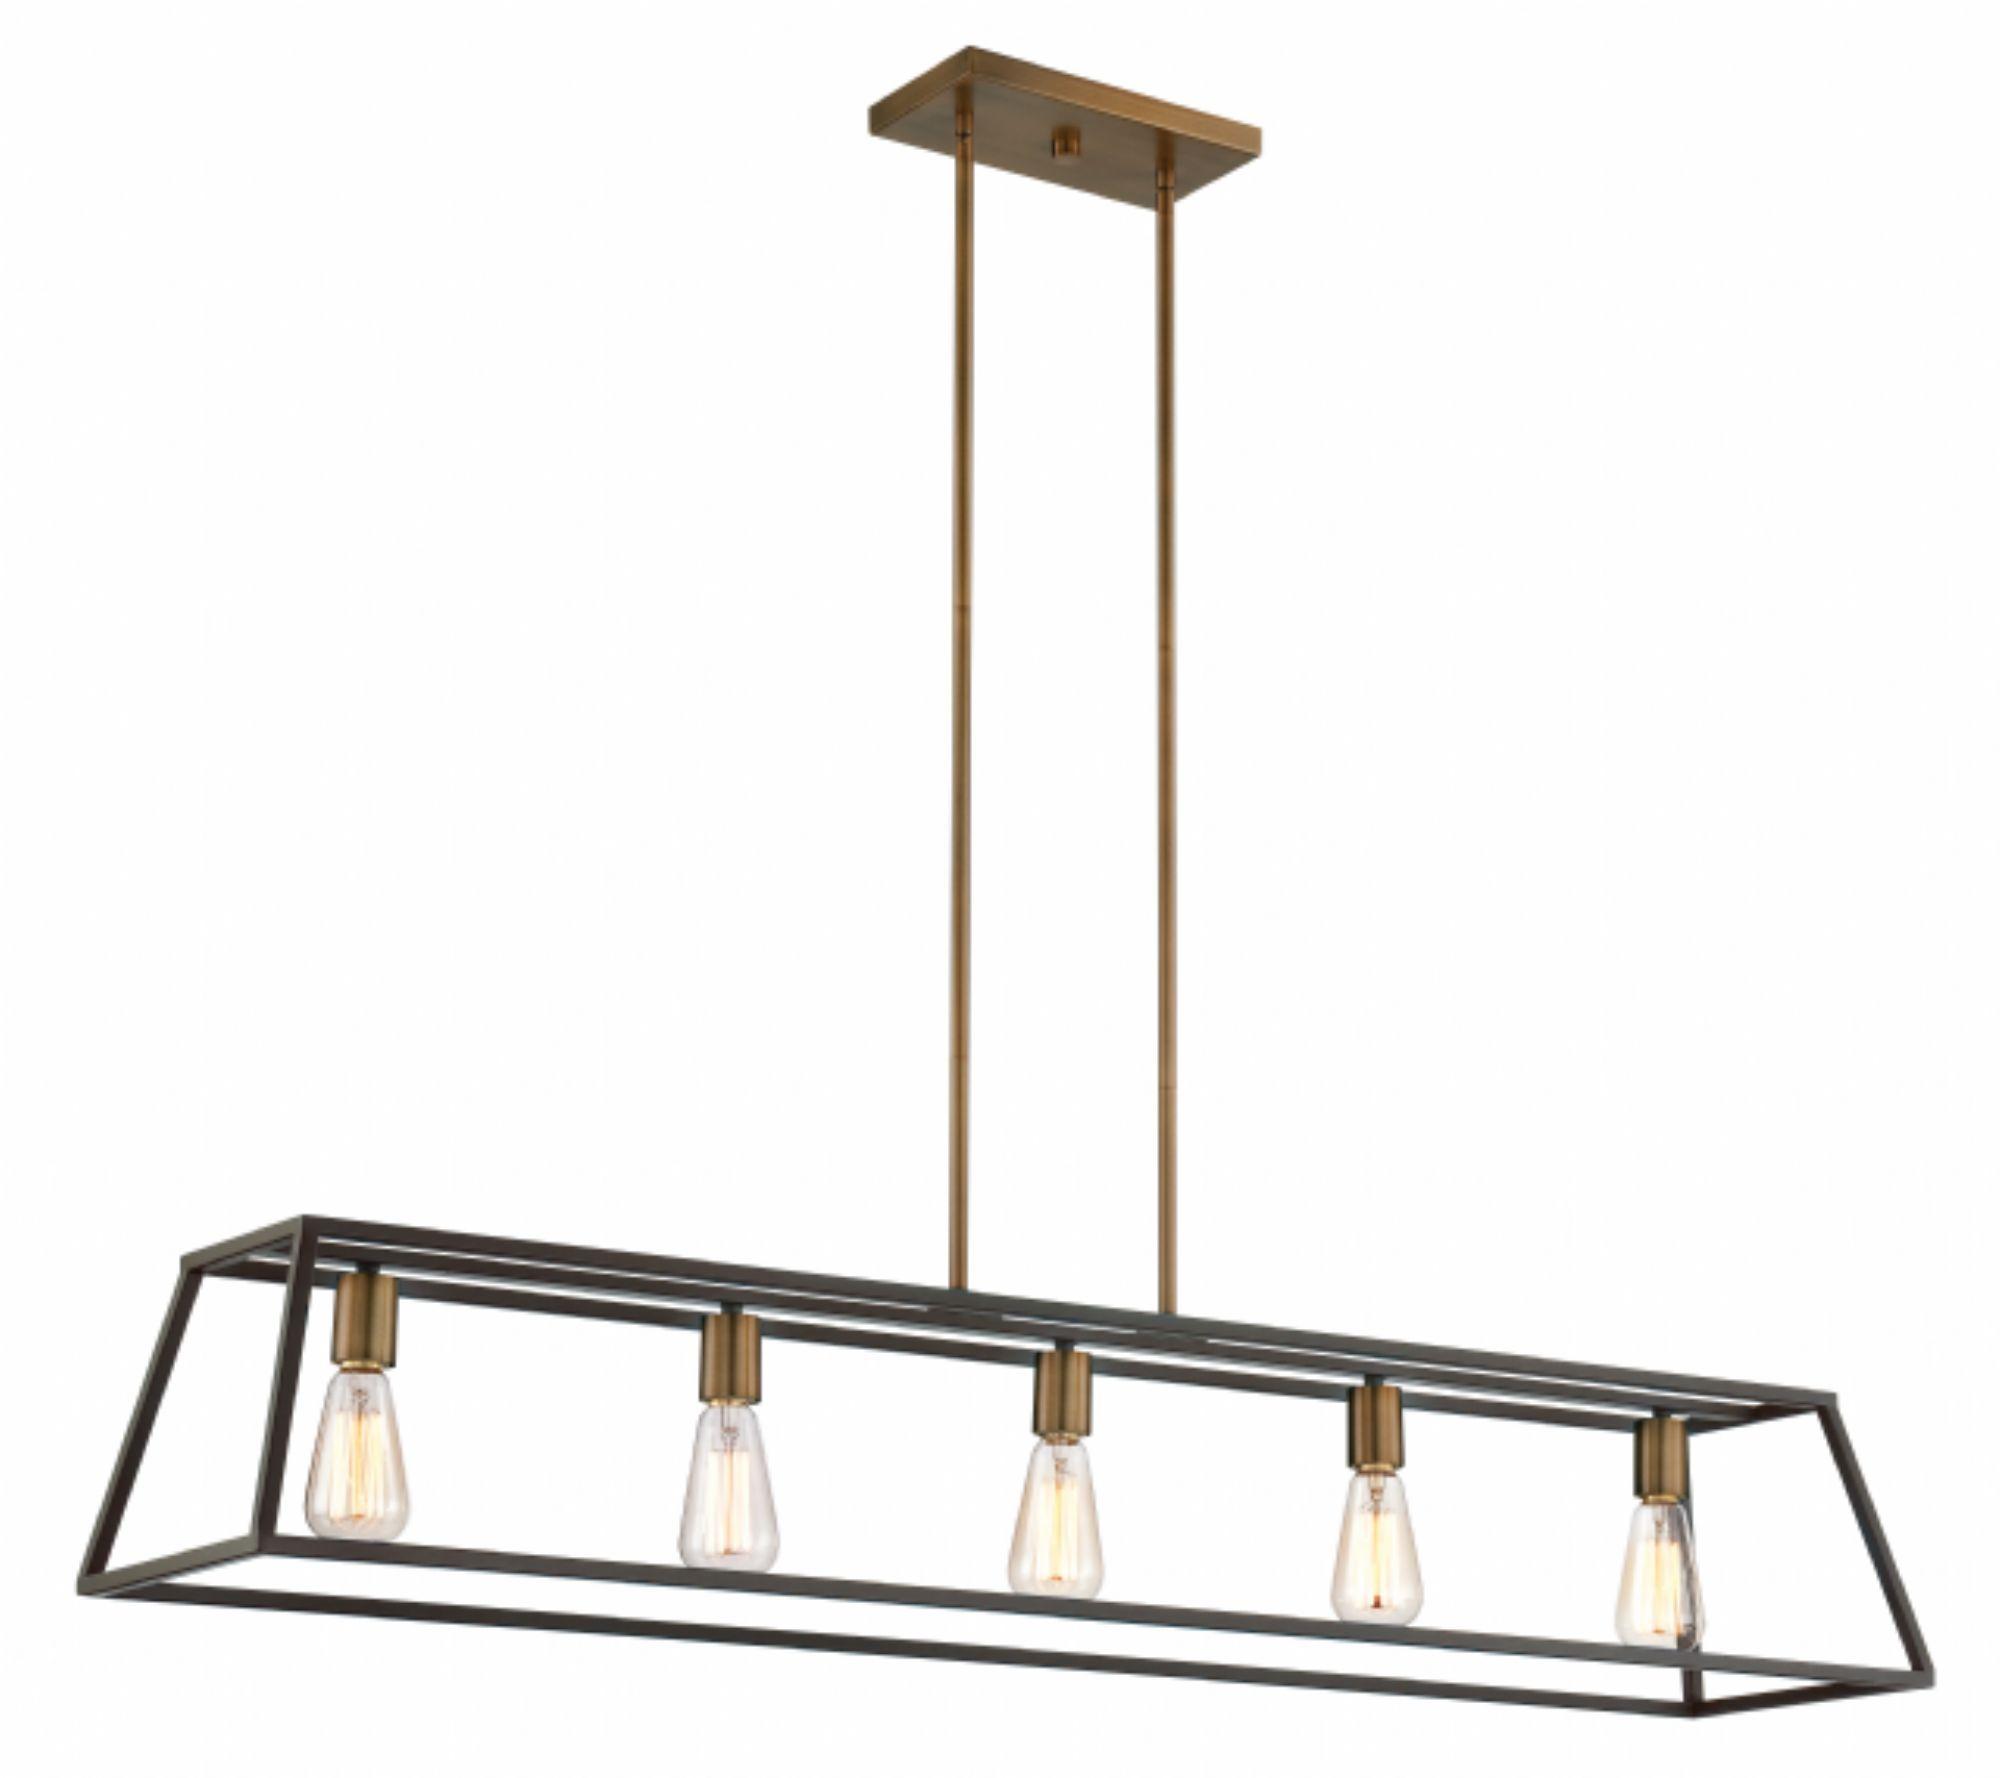 Hinkley Lighting - Fulton 3335BZ